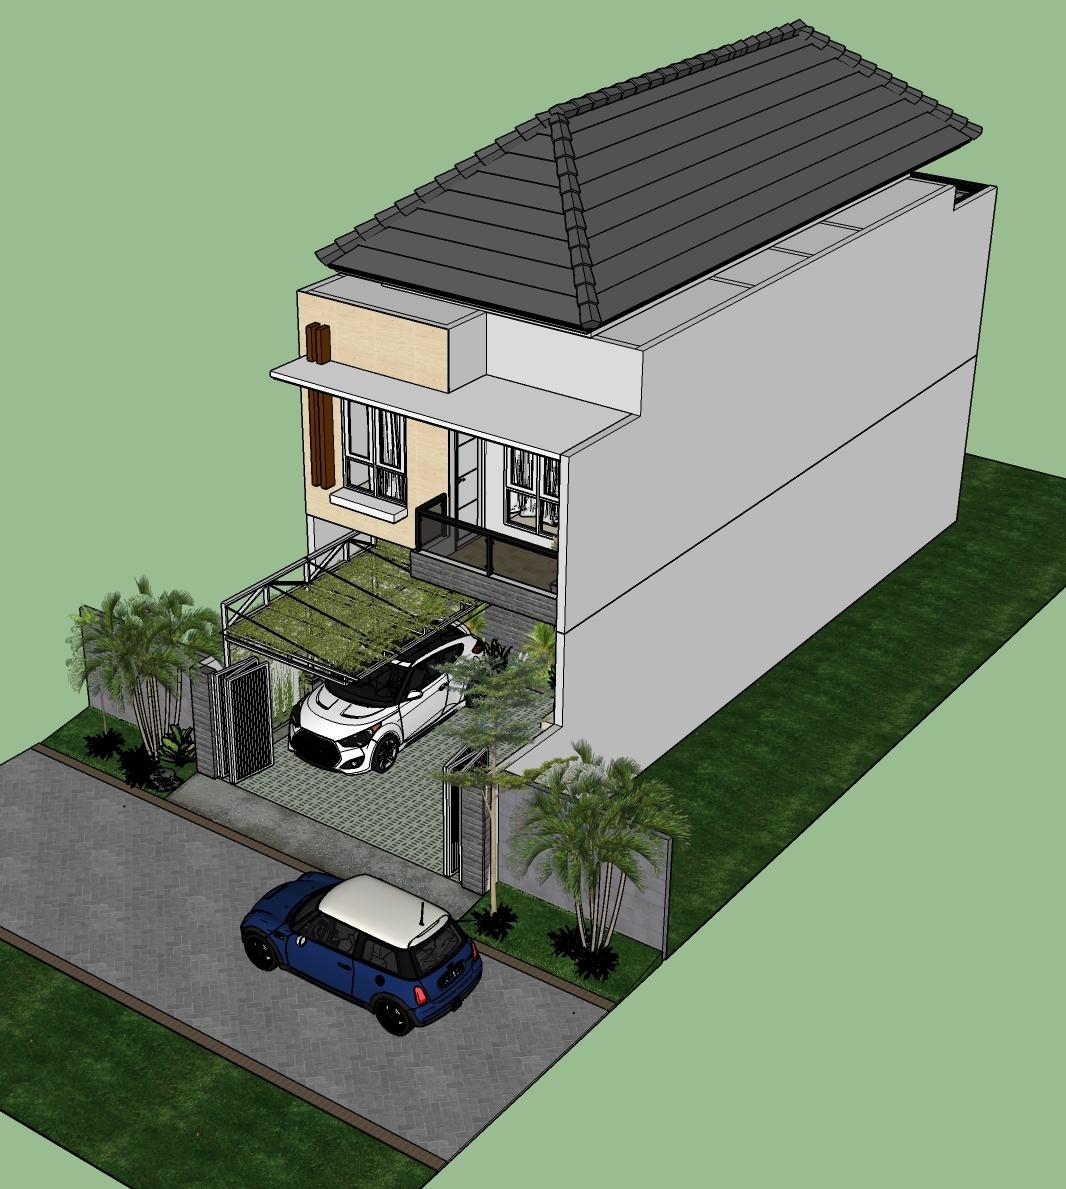 Desain Rumah Minimalis 2 Lantai Jasa Bikin Rumah